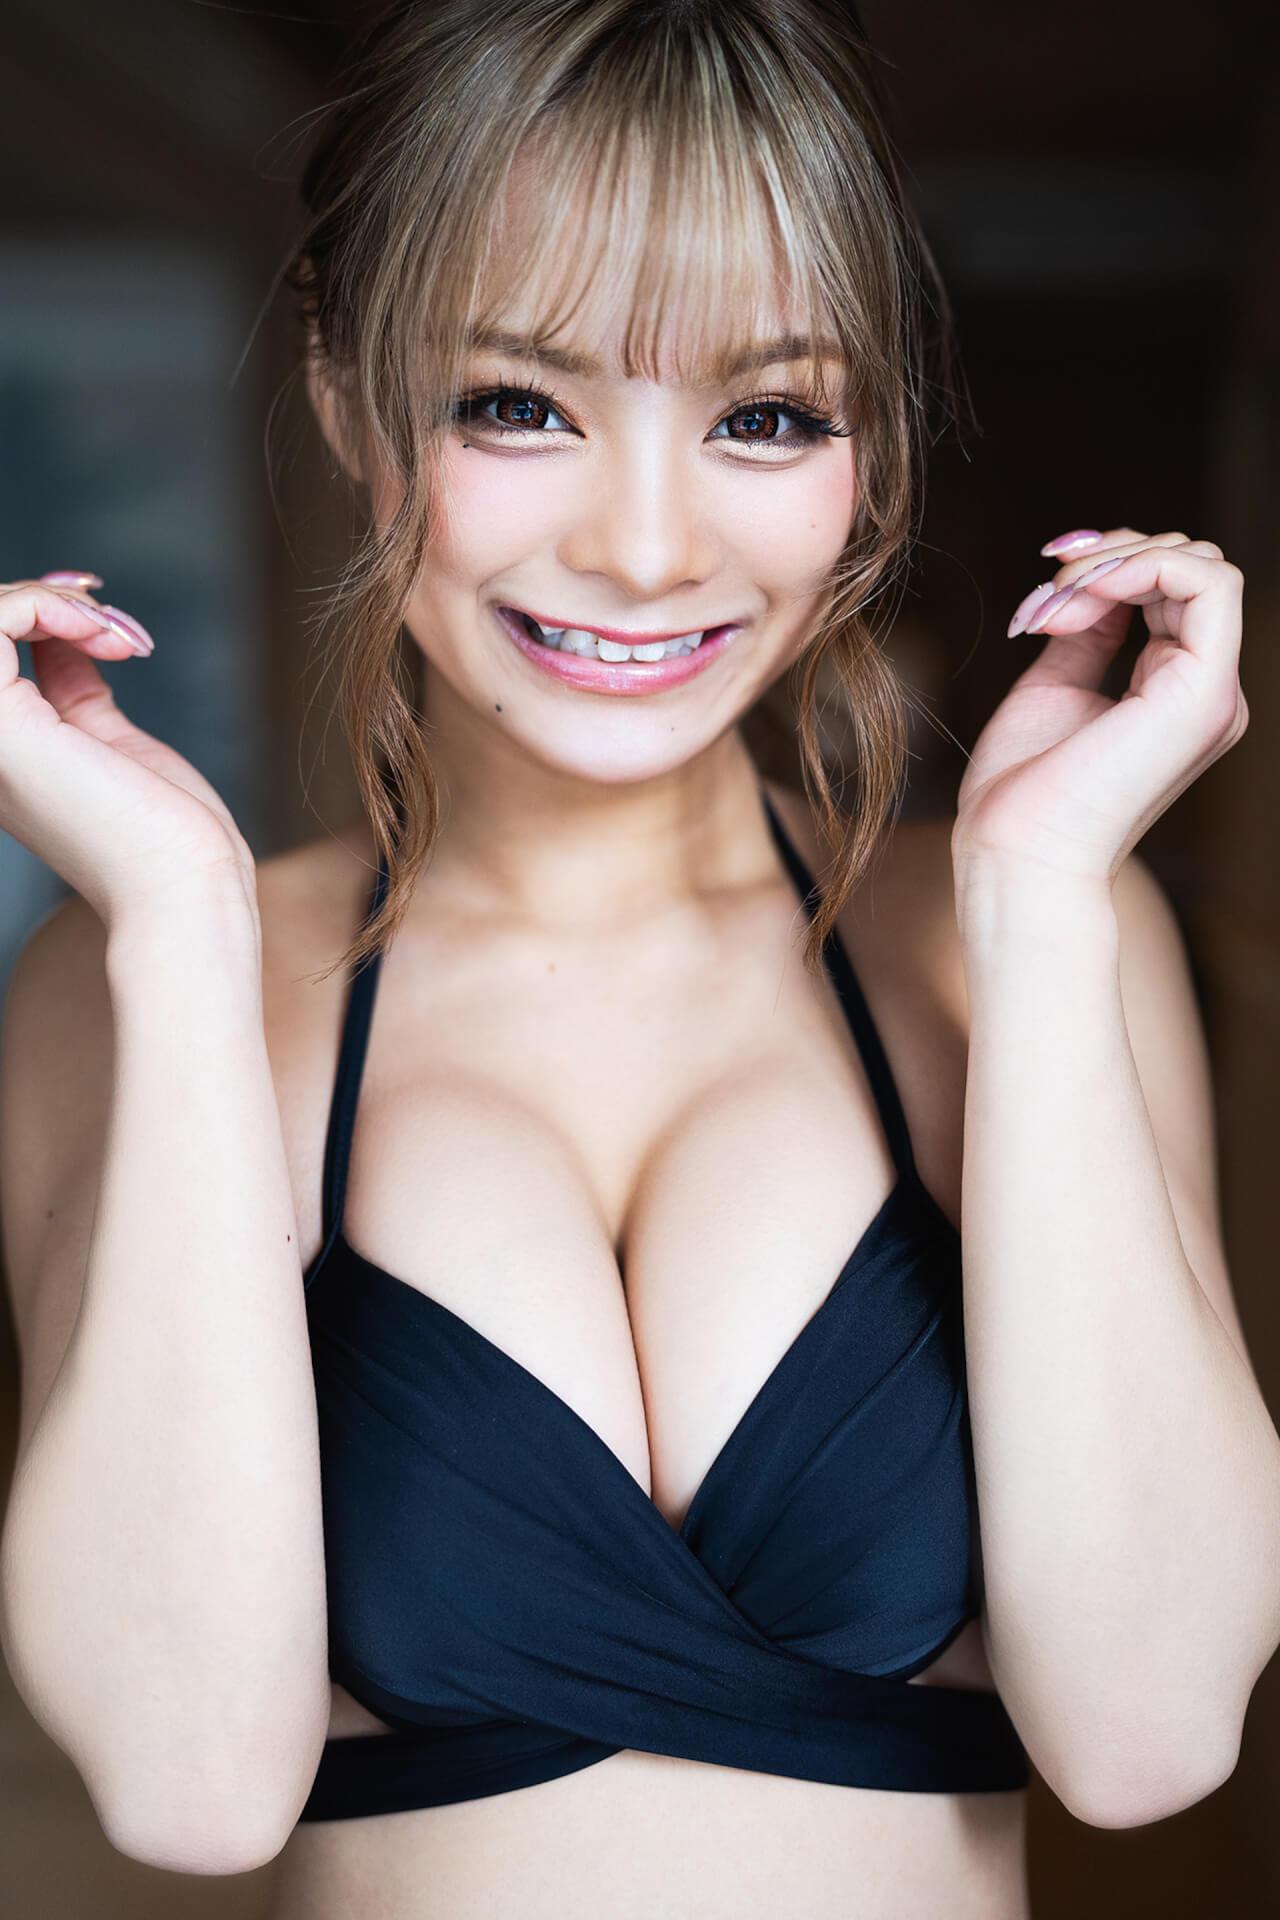 ギャルからオトナセクシーなカットも凝縮した『まぁみ1st写真集 Maami』が発売決定! art210614_maami_4